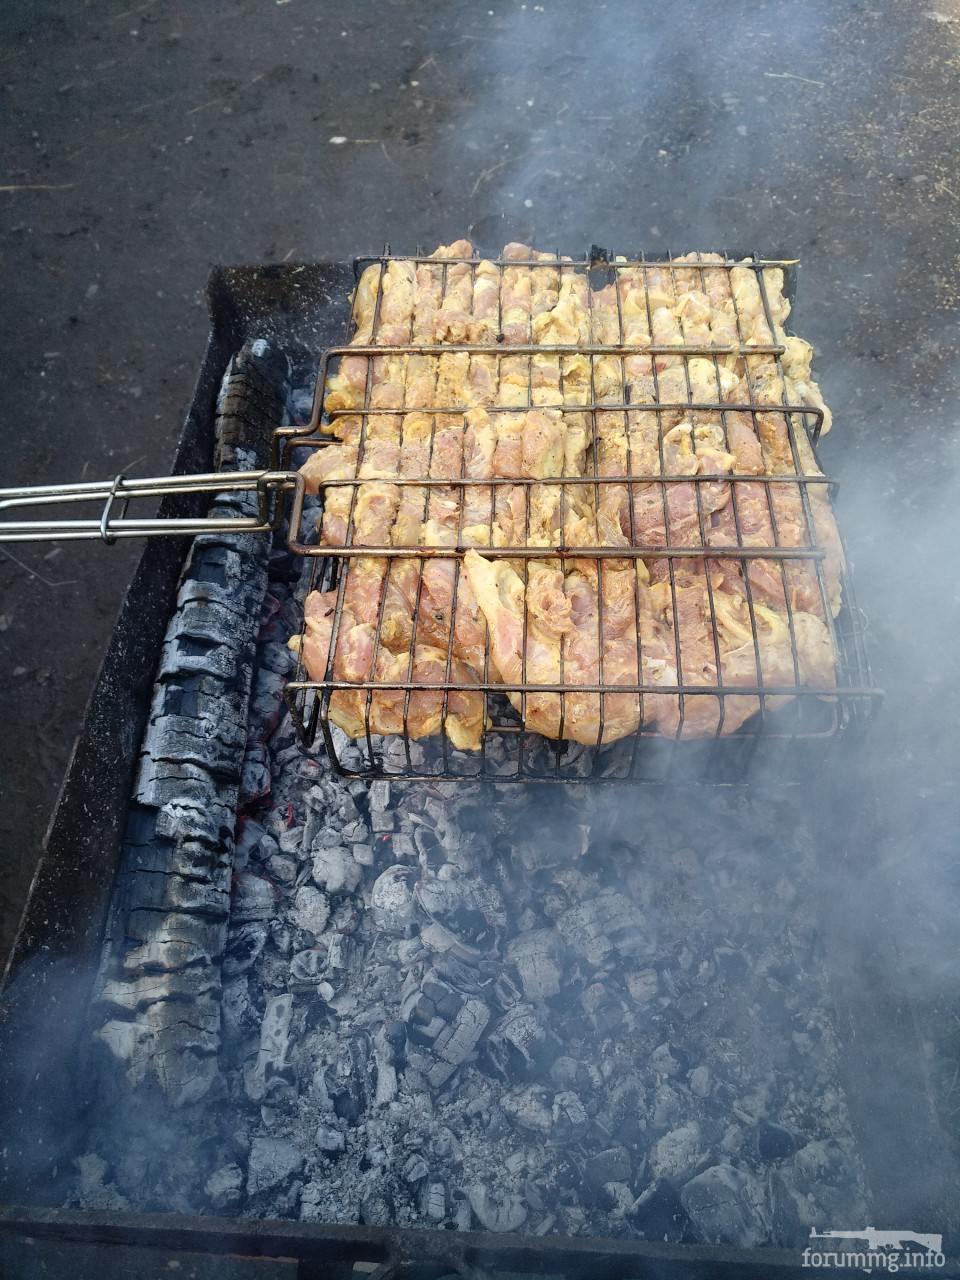 129259 - Закуски на огне (мангал, барбекю и т.д.) и кулинария вообще. Советы и рецепты.